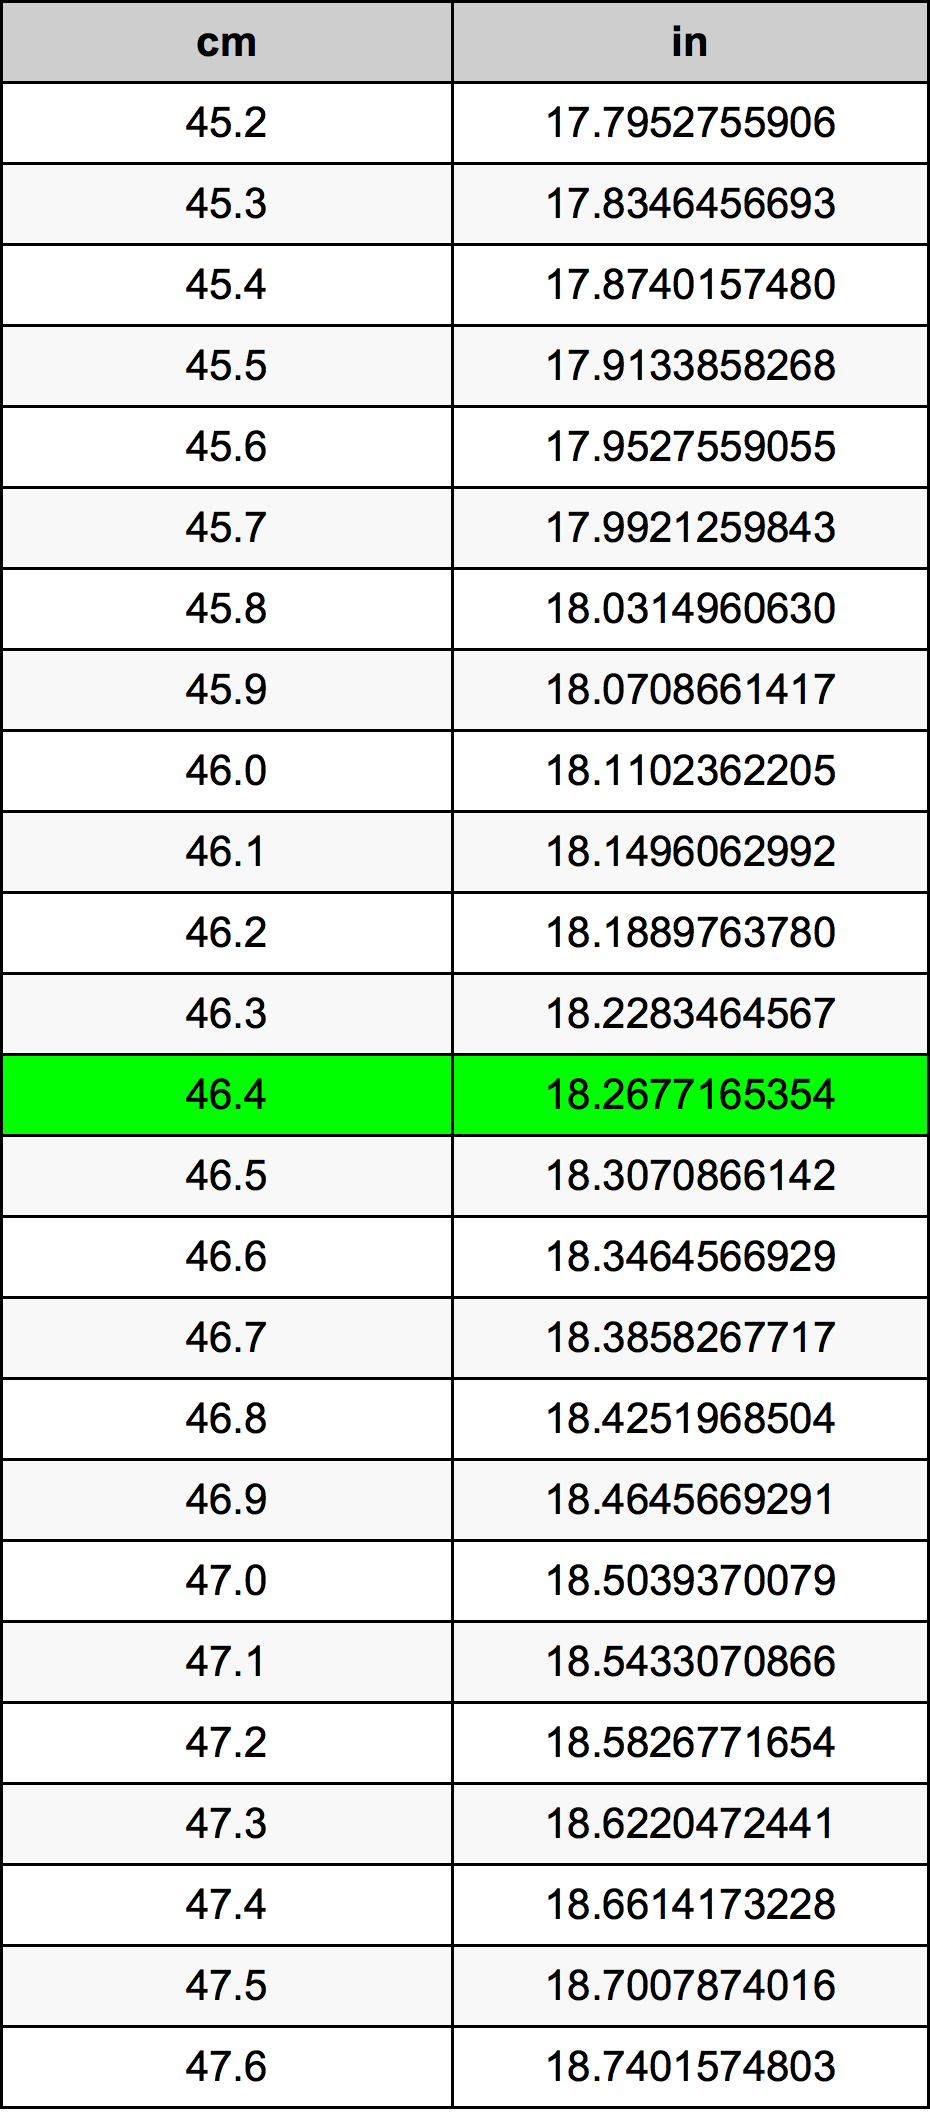 46.4เซนติเมตรตารางการแปลง